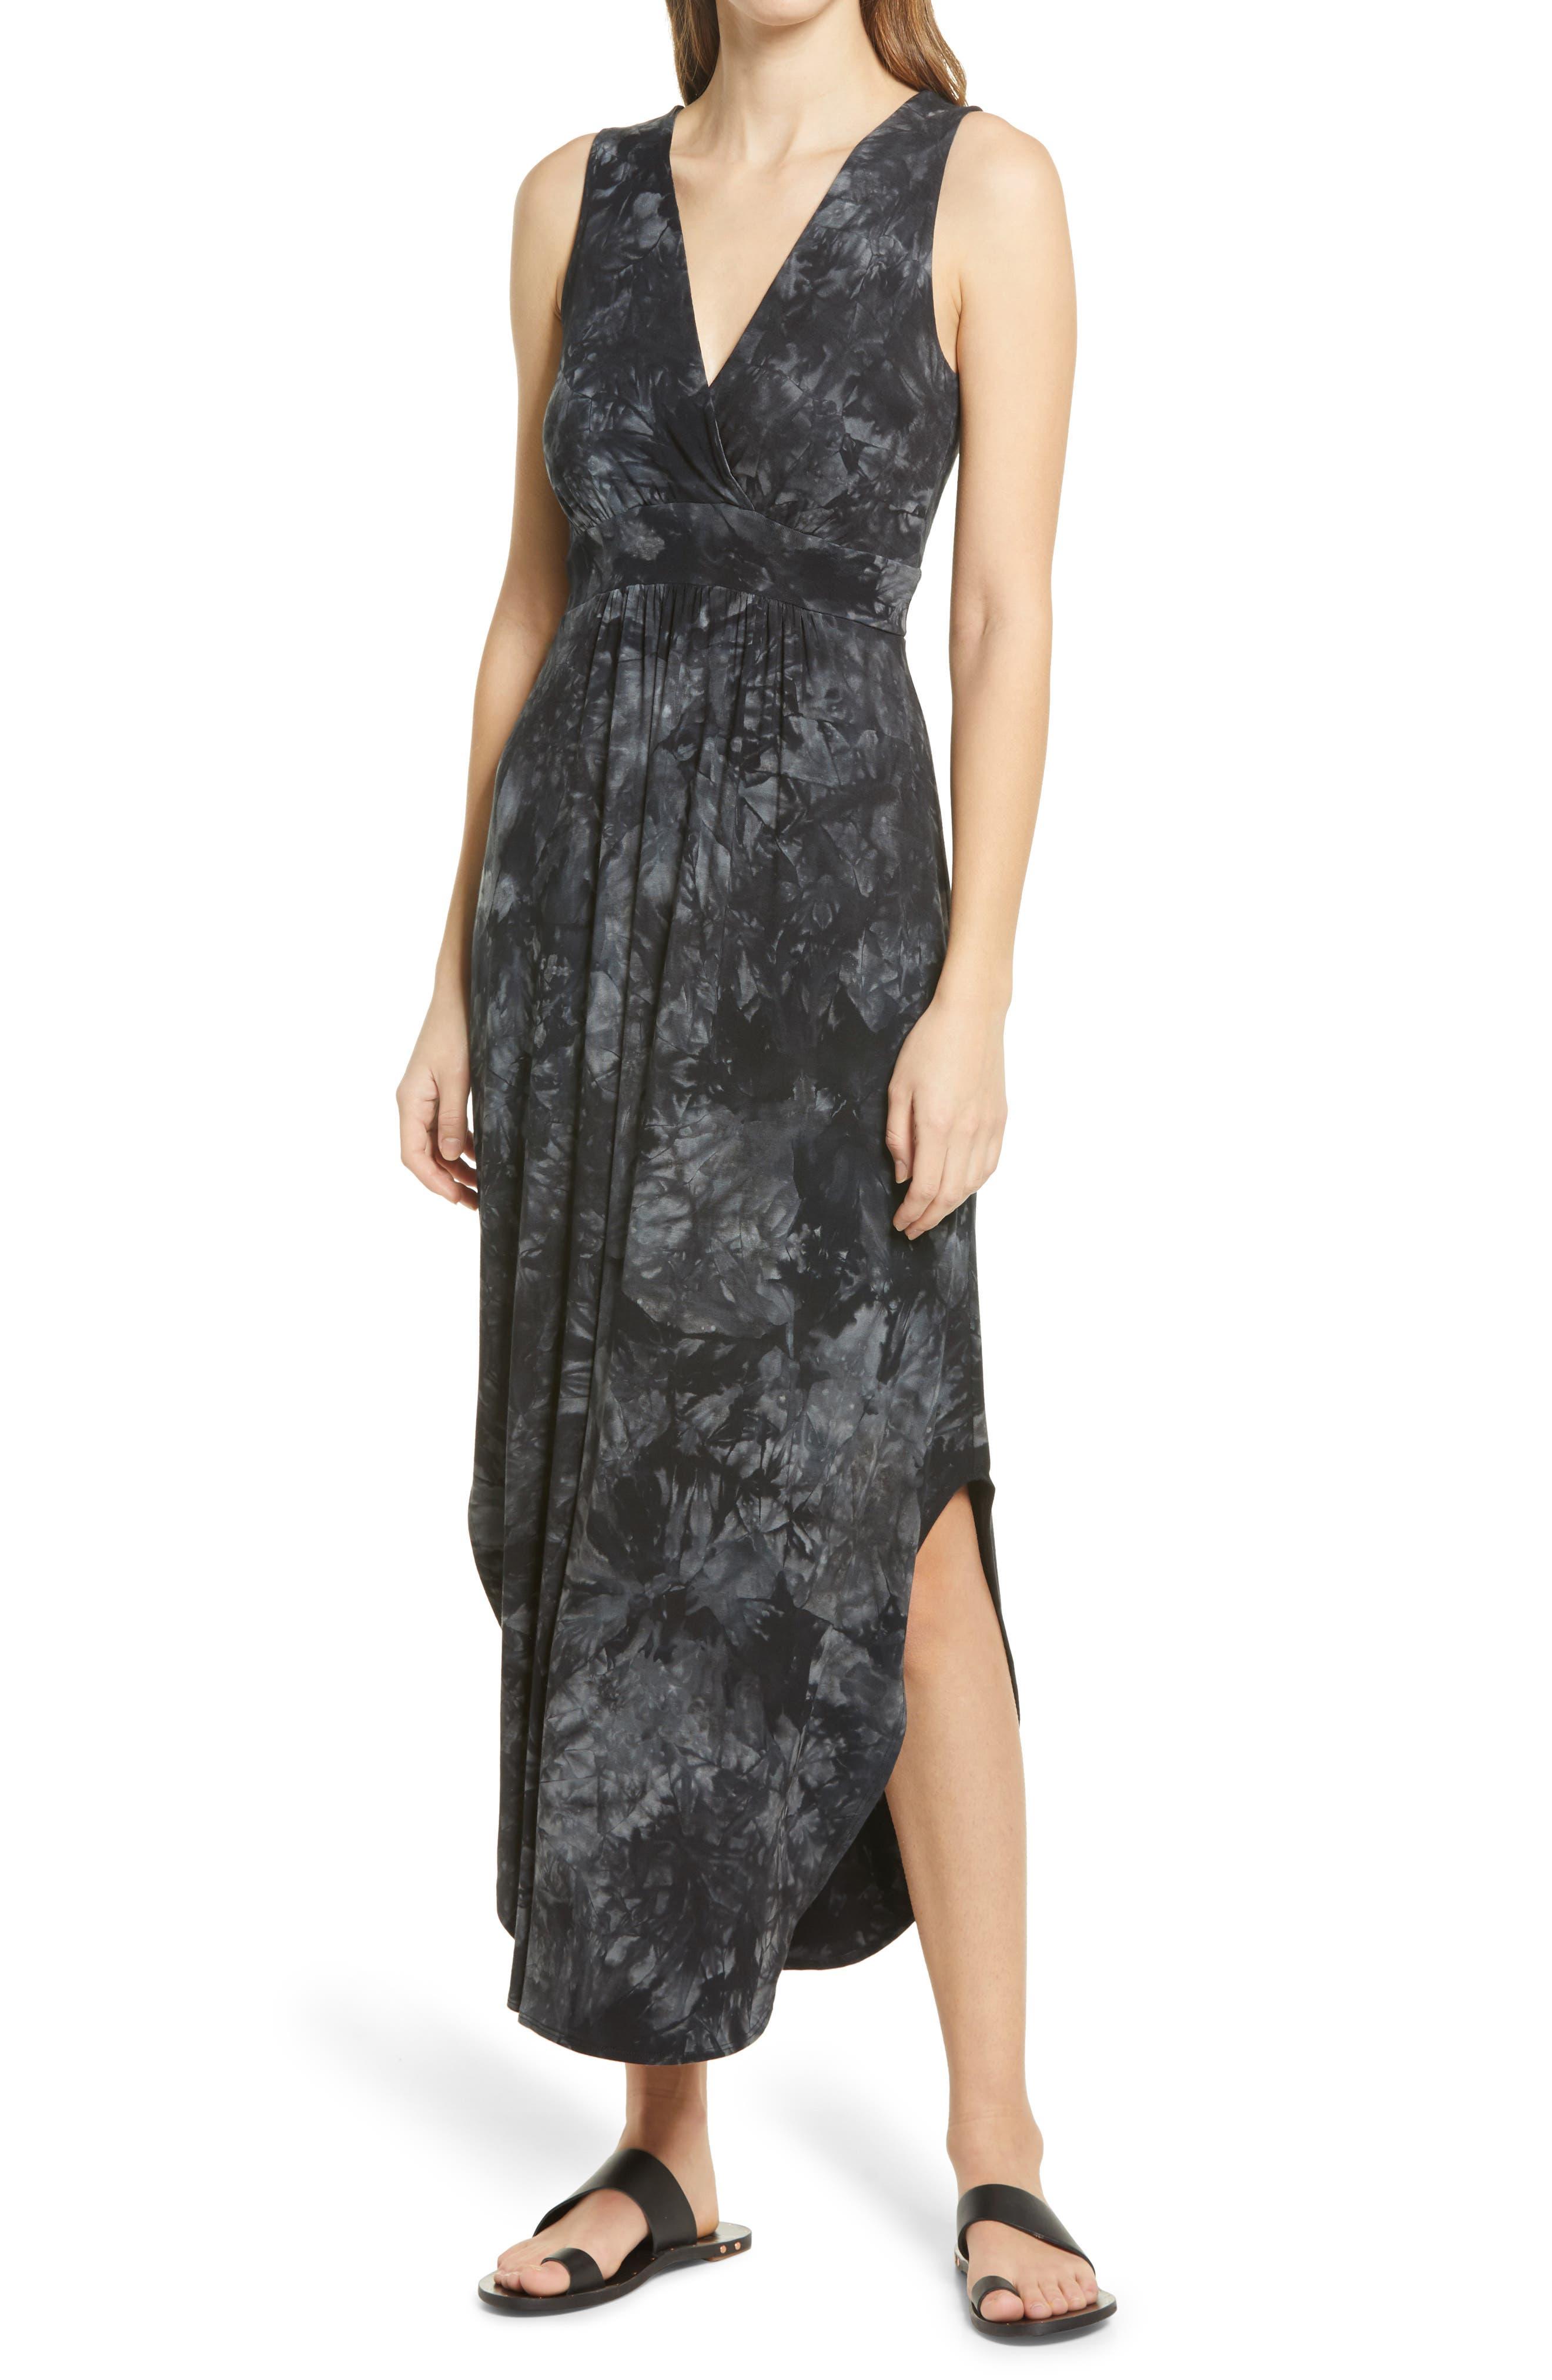 Sleeveless Tie Dye Side Vent Dress